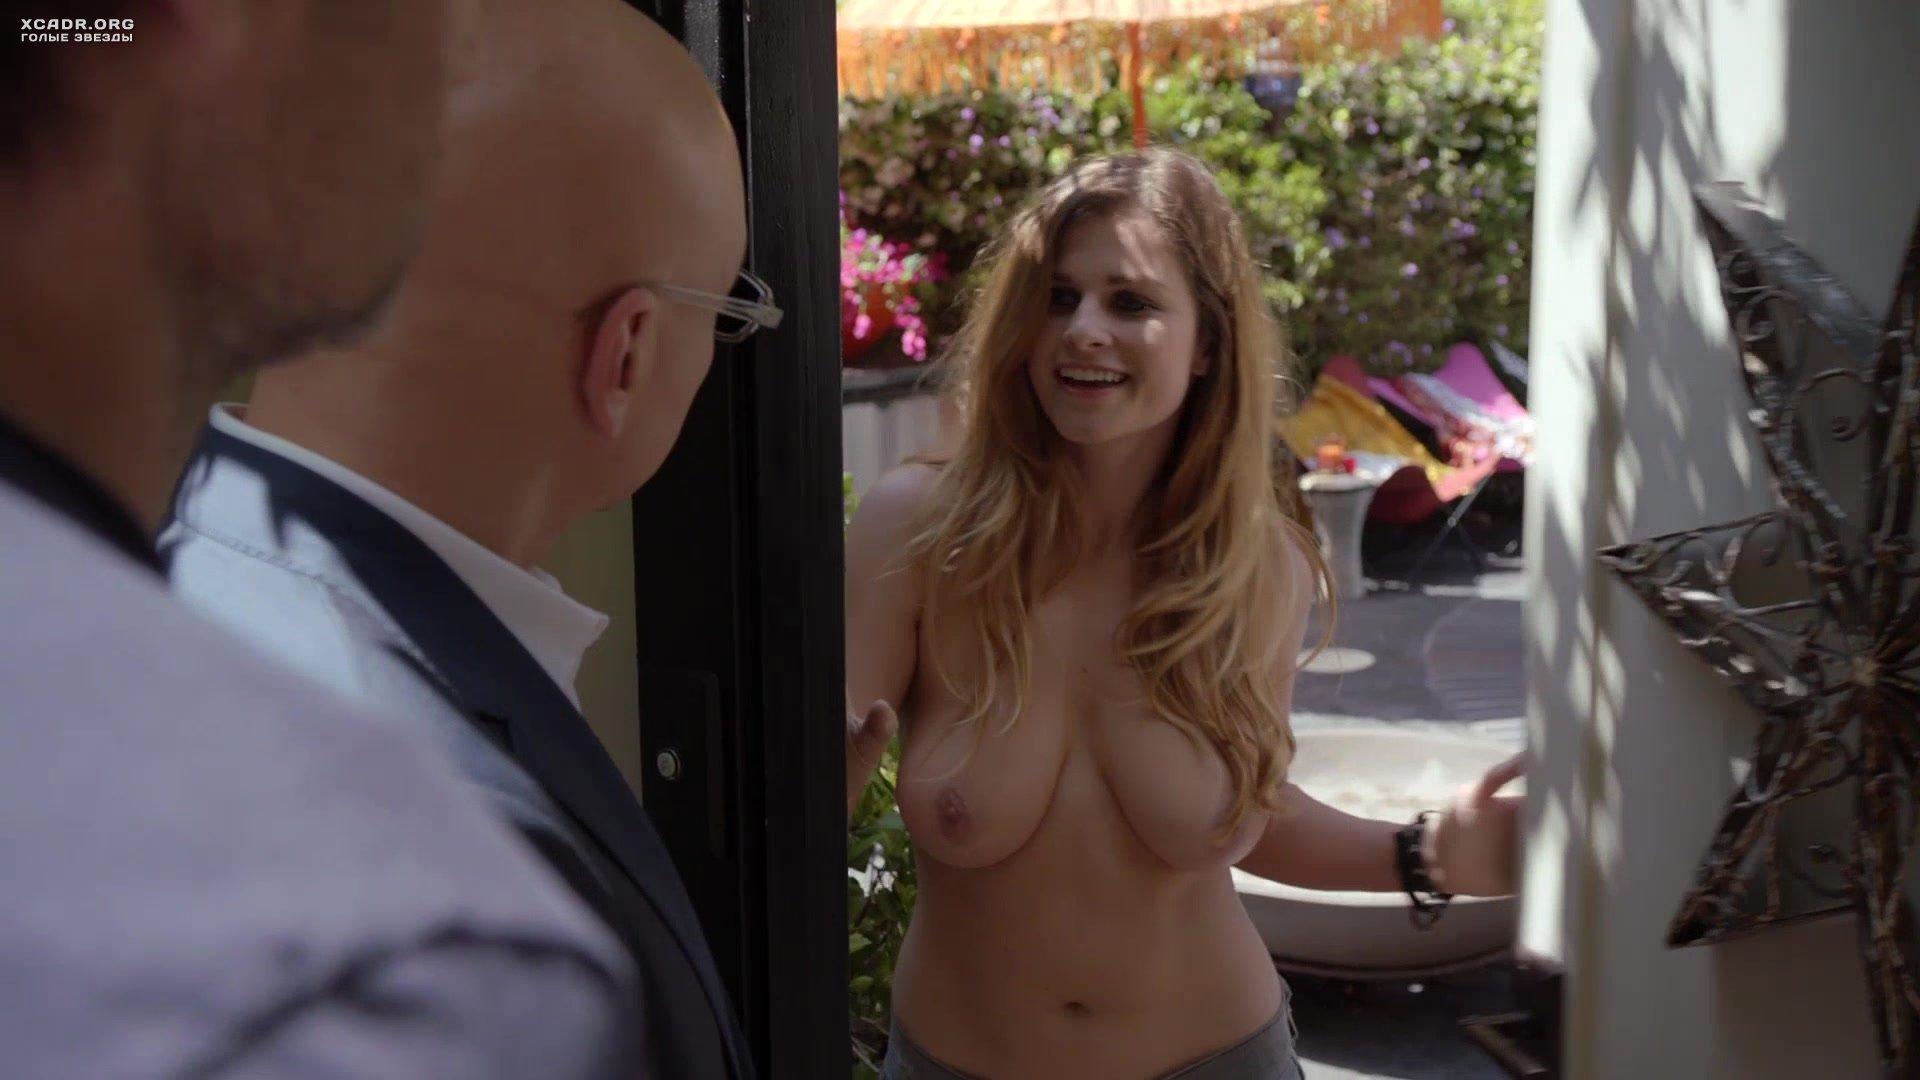 Angela trimbur entourage naked